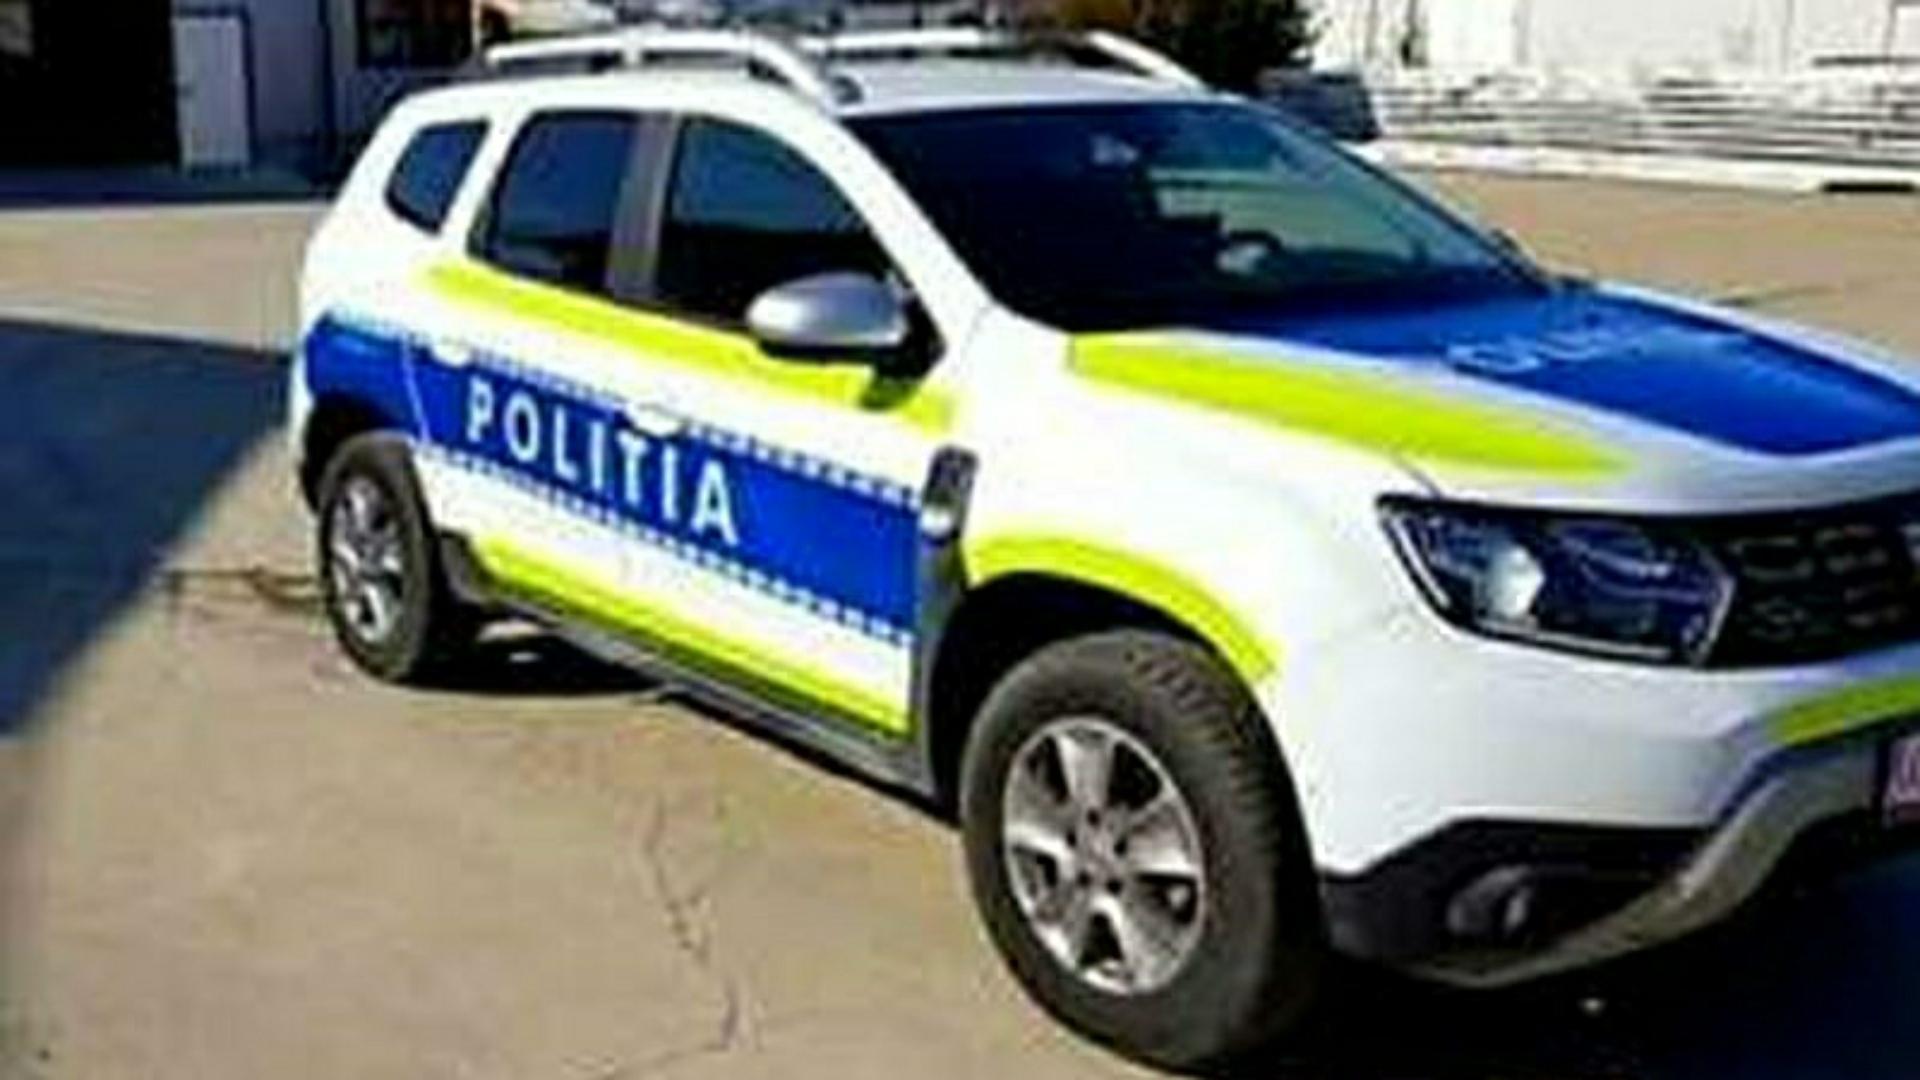 """Ministrul Marcel Vela vrea """"rebranduire"""" a mașinilor de poliție și schimbarea de nume din Poliția Română în Poliția Națională"""